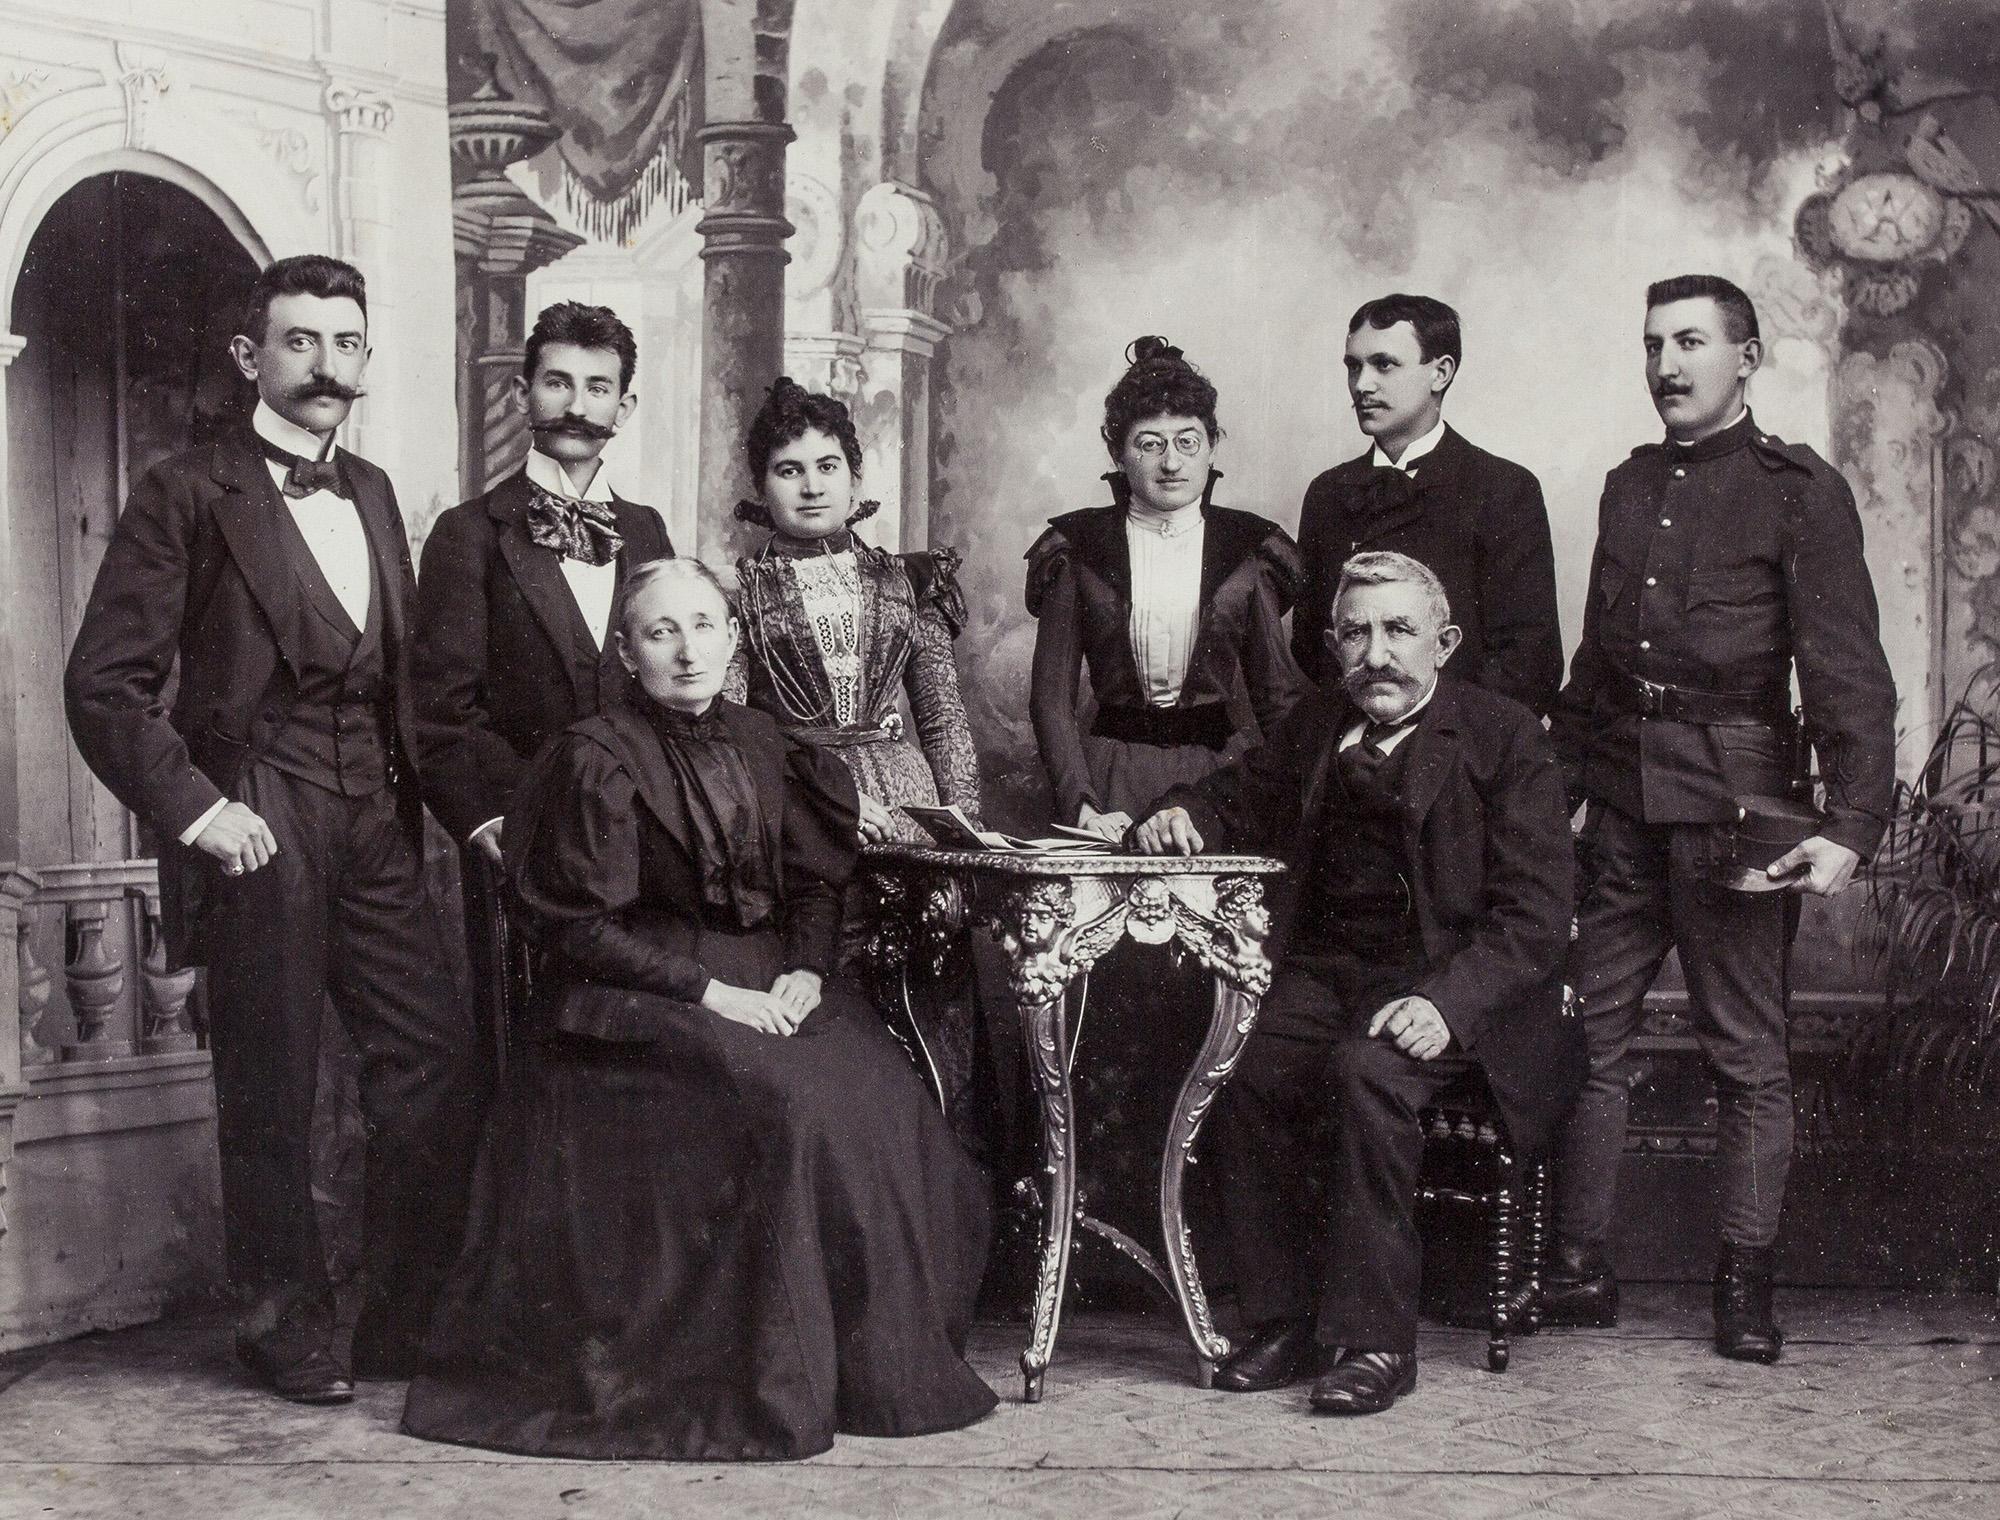 Fotó: A Plohn család az 1890-es évek végén<br /><br />Kugler Amália (1842–1924) és Plohn Illés (1833–1911)<br />Plohn Henrik Gyula (1873–1936) mettőr, Plohn József (1869–1944) és felesége Hirn Fanni (1871–1937), Plohn Eleonóra és férje, Szabó Dezső, Plohn Béla Illés könyvkötő, fényképész (1876–1944)<br /><br />Hegyi Endre fotográfus (Hódmezővásárhely) tulajdona